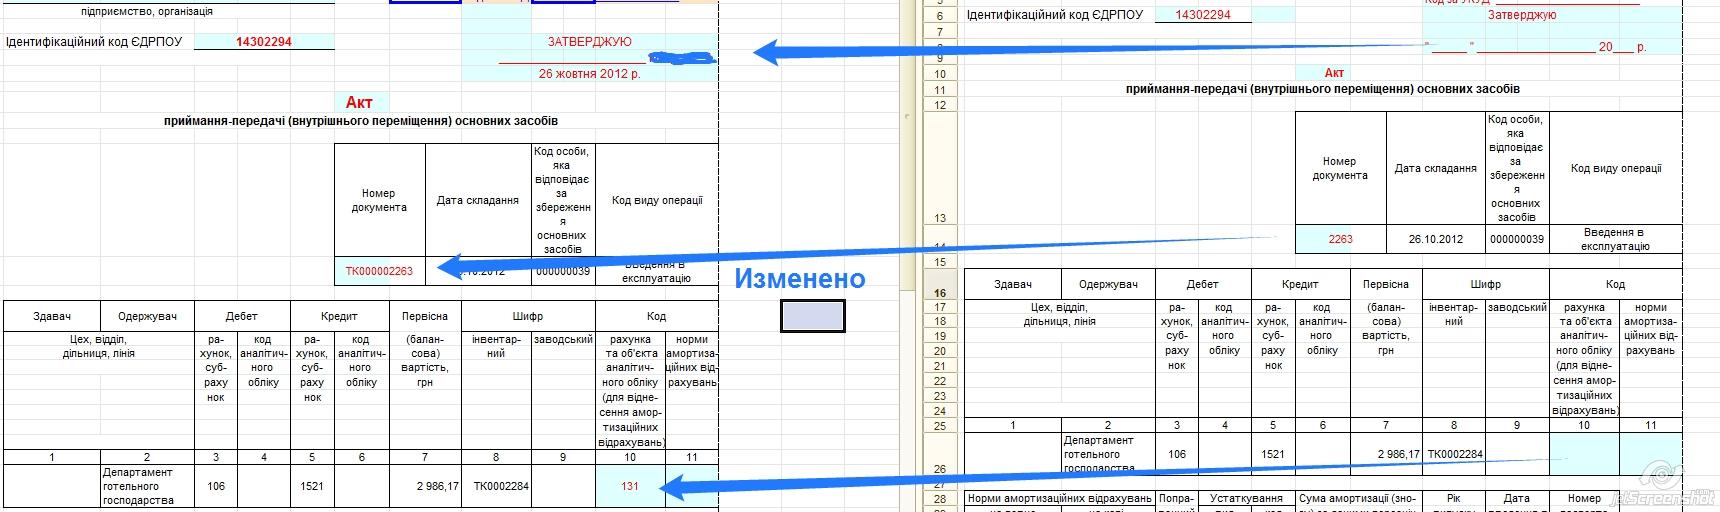 Печатная форма ОЗ-1 Ввод в эксплуатацию ОС для Бухгалтерия Украины